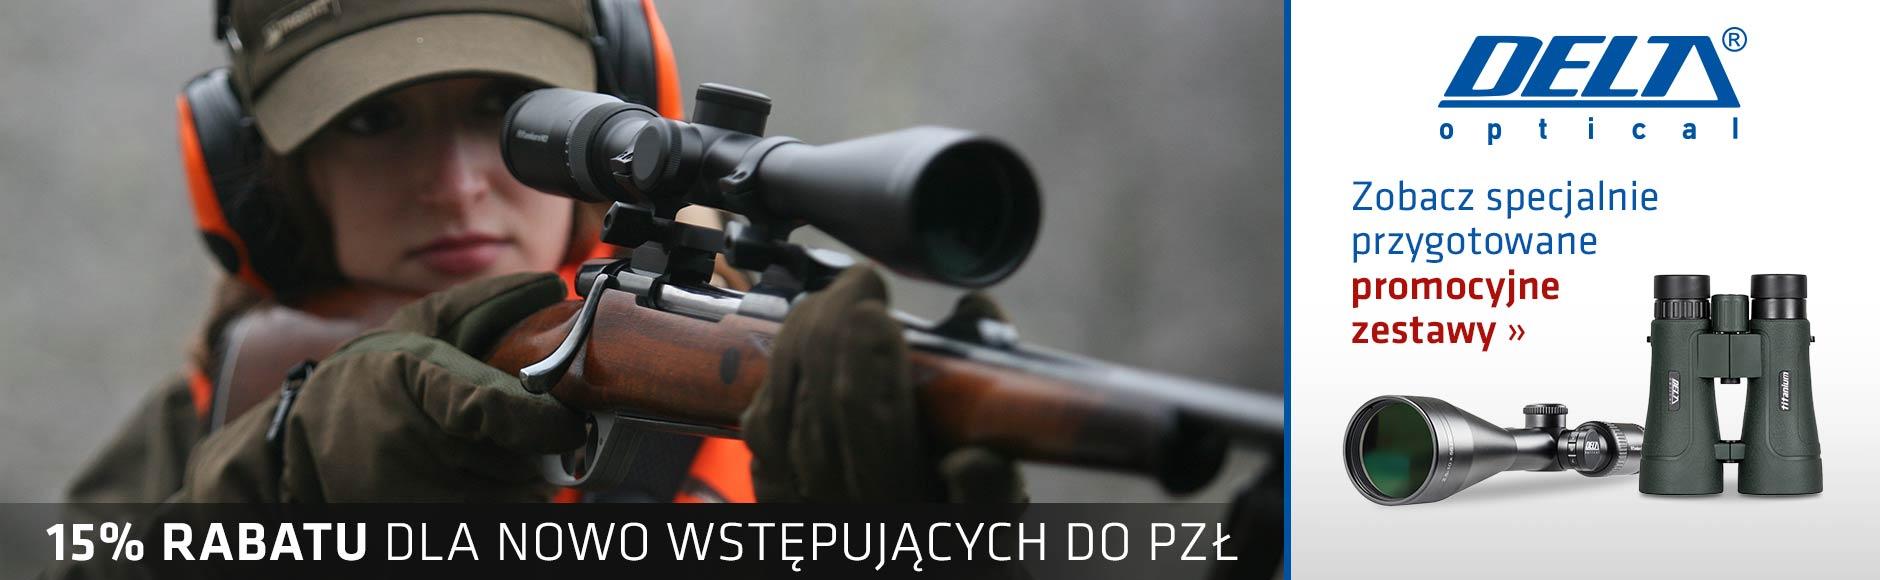 baner_nowowstępujący_pzl3